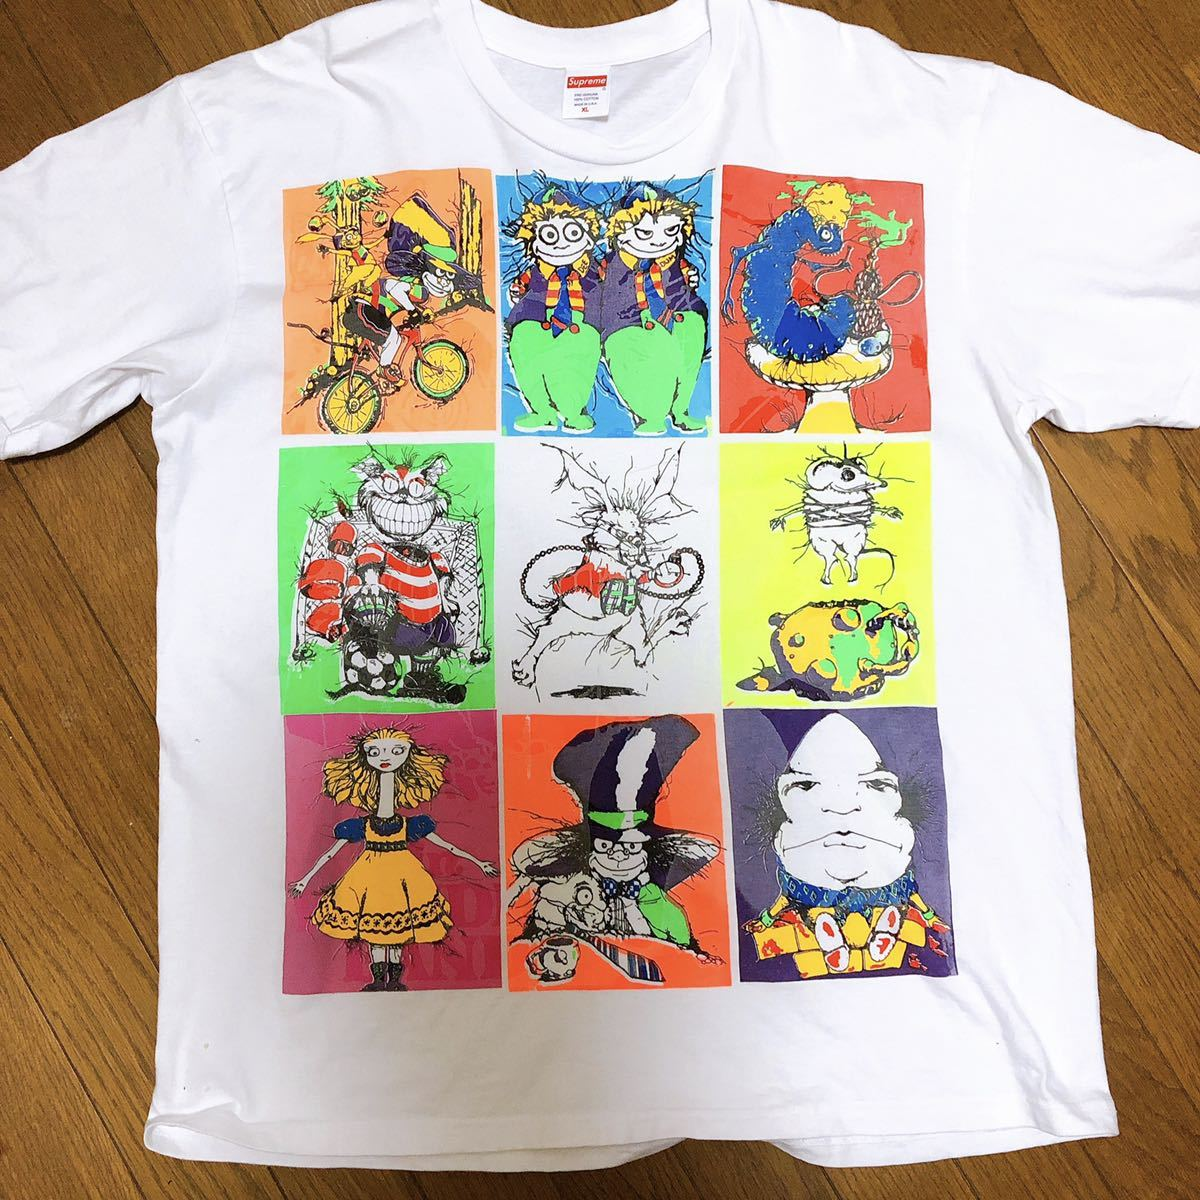 【新品 未着用】 choose me アリスマルチプリント T-shirt L Tシャツ Supreme 希少 白 不思議の国のアリス チェシャ猫プリントTシャツ_画像1